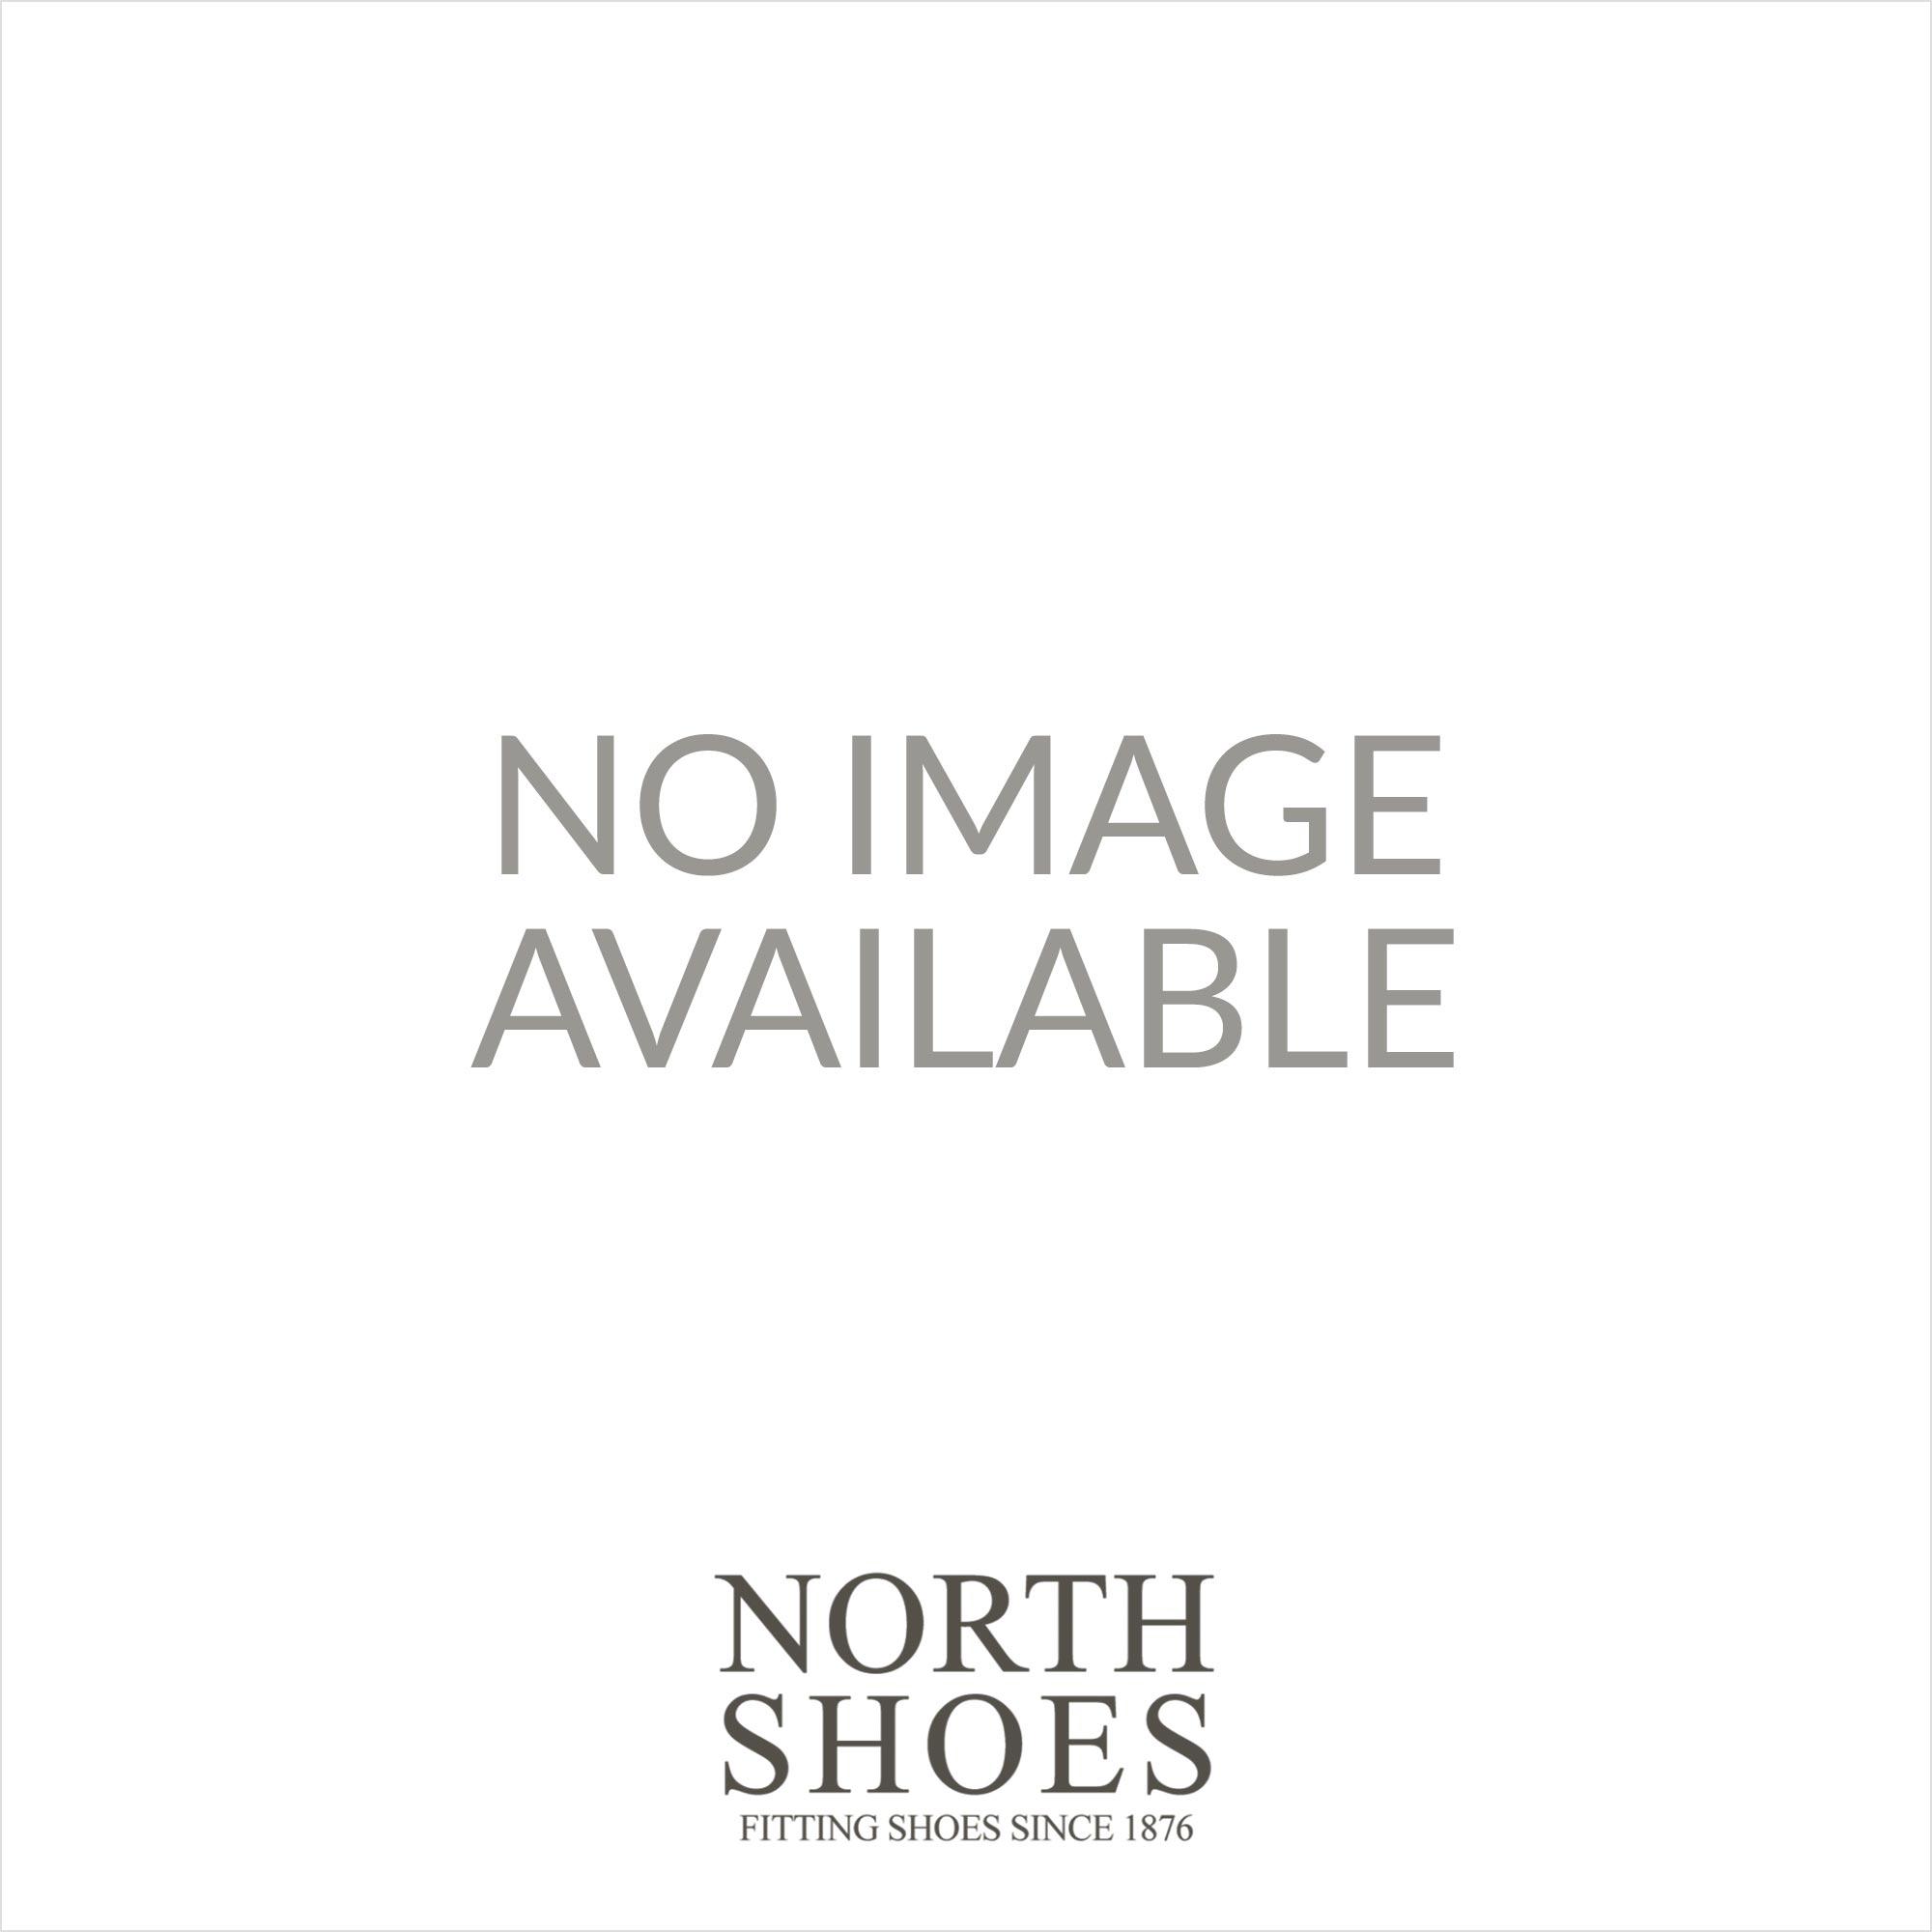 22415-20 Silver Leather Womens Slip On Kitten Heel Court Shoe